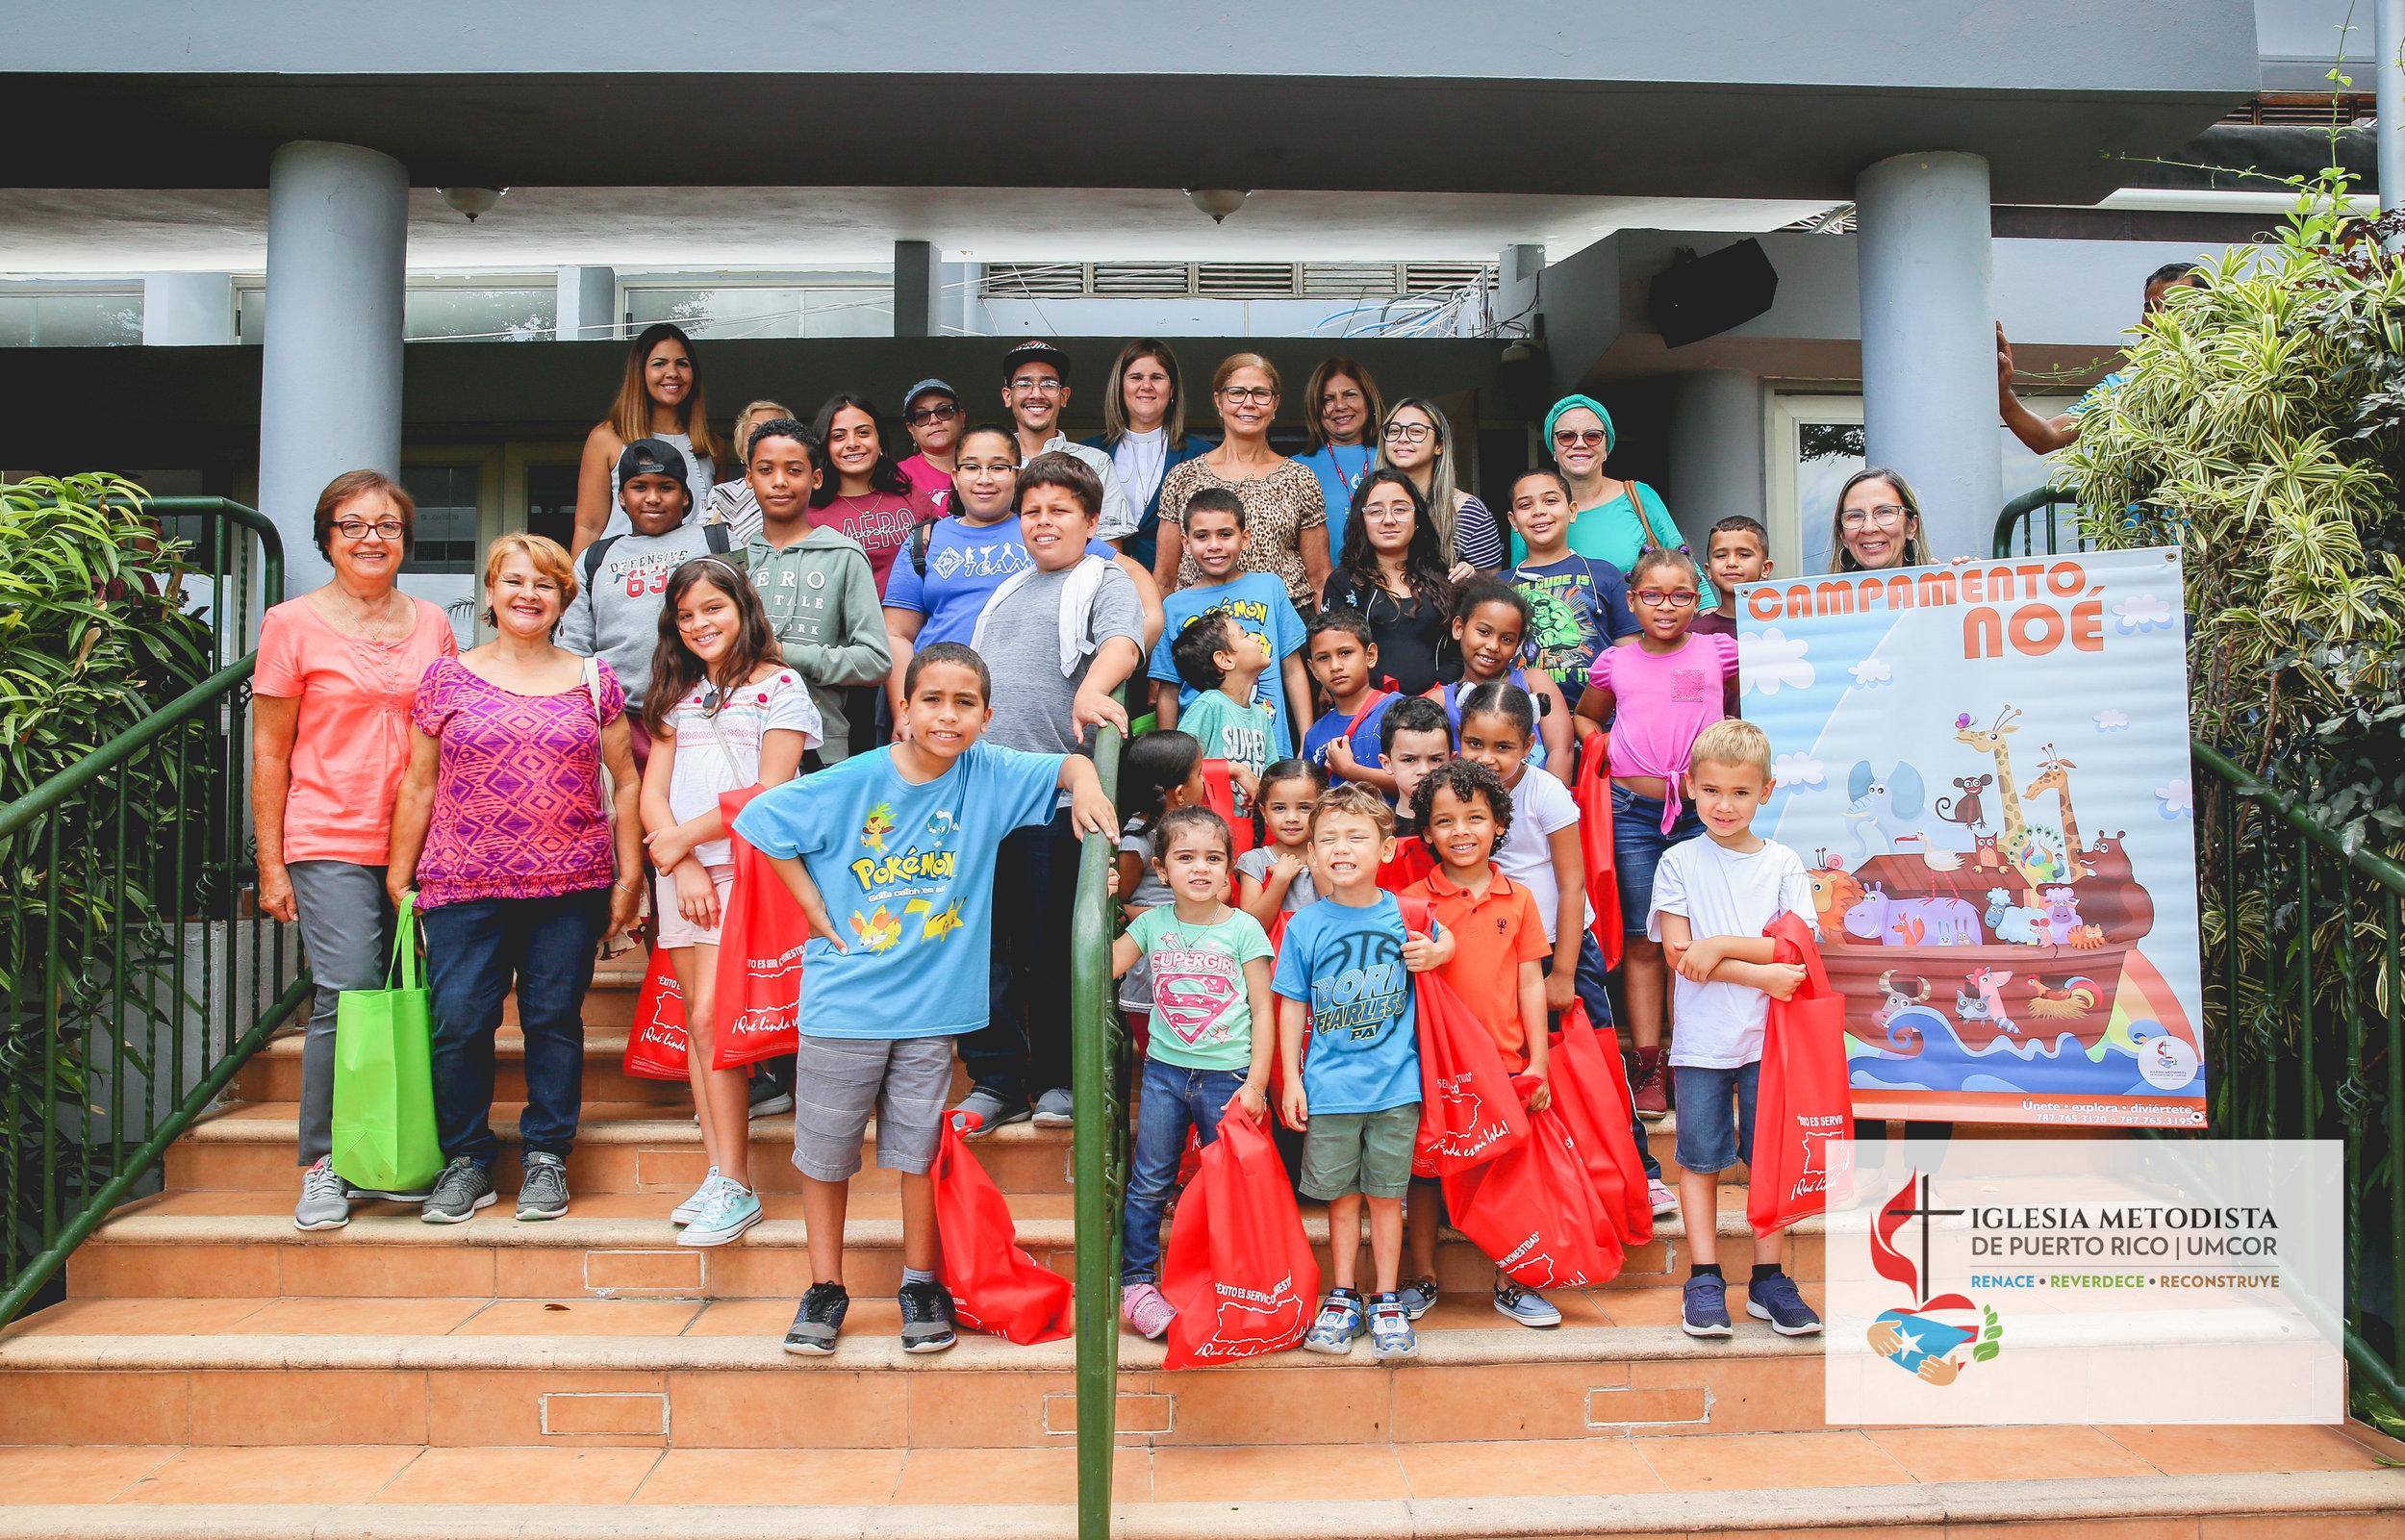 Fotos Album_Taller Iglesia y Comunidad-ESG55259.JPG